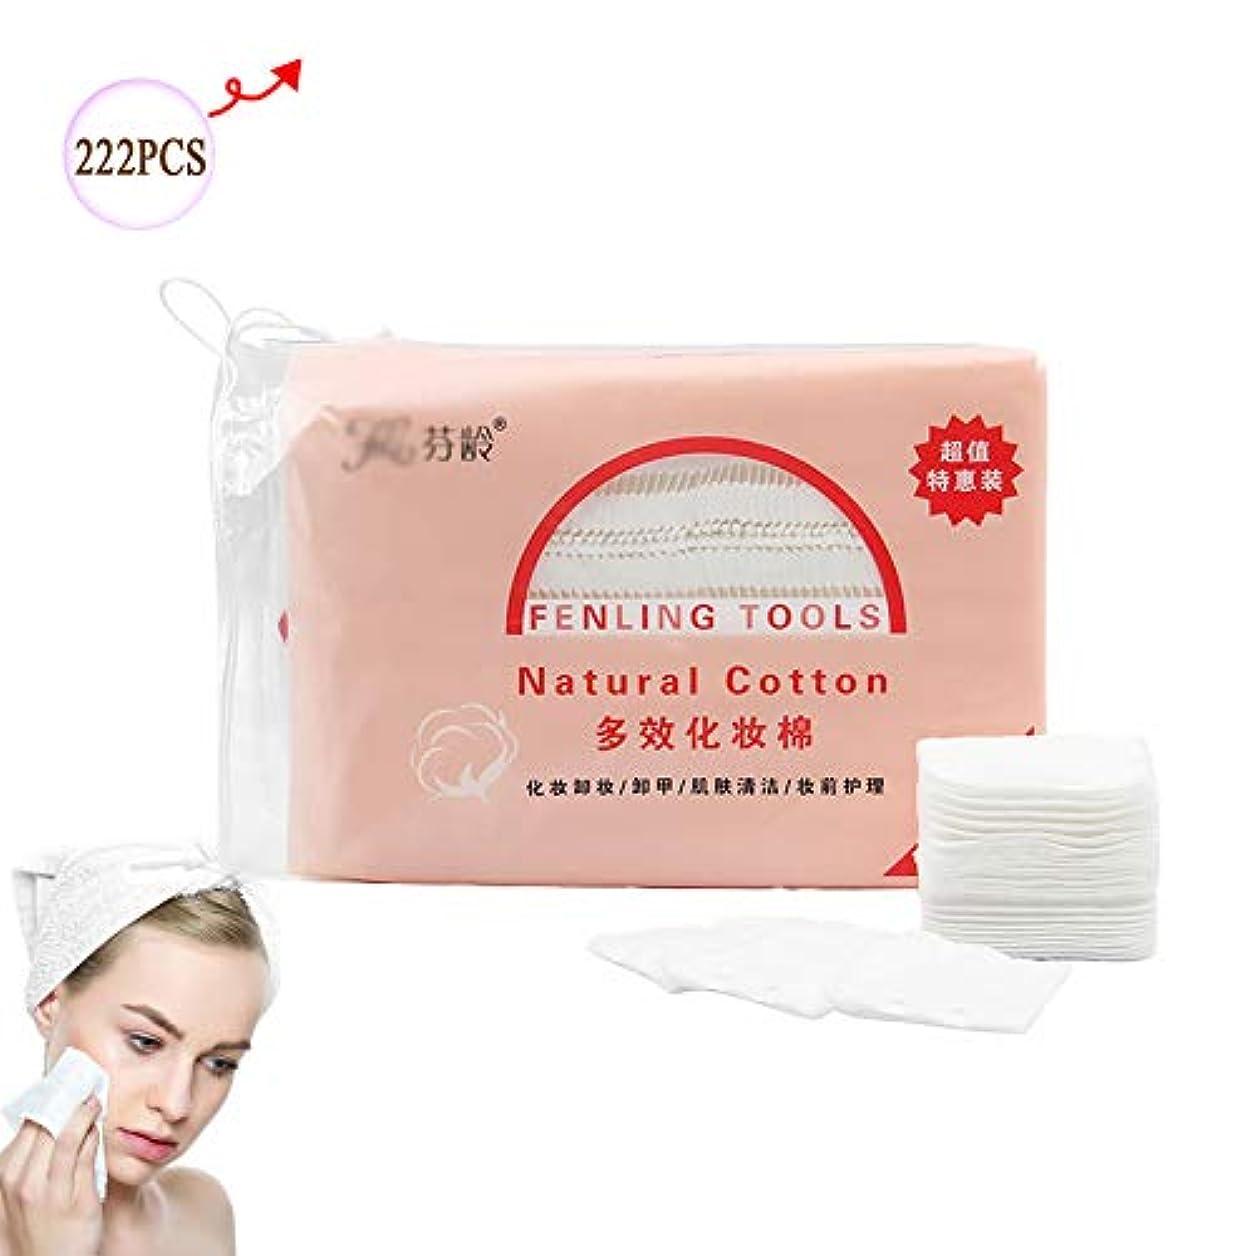 スキムアクロバット報復メイク落としパッド、顔用洗顔料コットンパッド洗顔用女性と男性(222PCS)